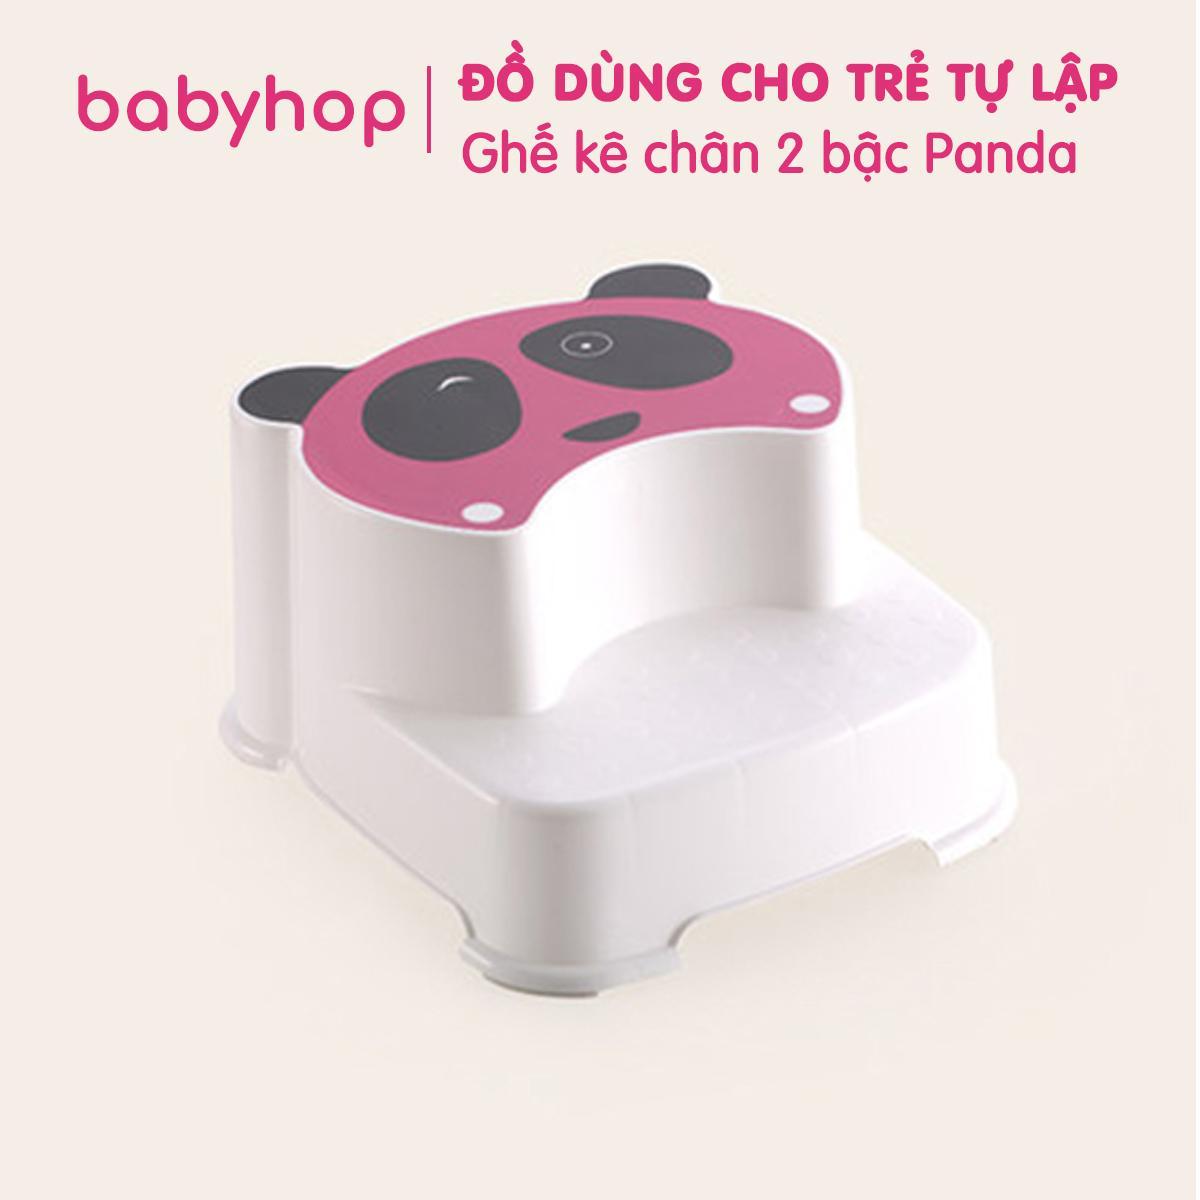 Coupon Giảm Giá Ghế Panda 2 Bậc Babyhop, Bé Dùng Kê Chân đi Toilet, Rửa Tay, đánh Răng Rửa Mặt. Chân đế Có Lót Cao Su Chống Trượt